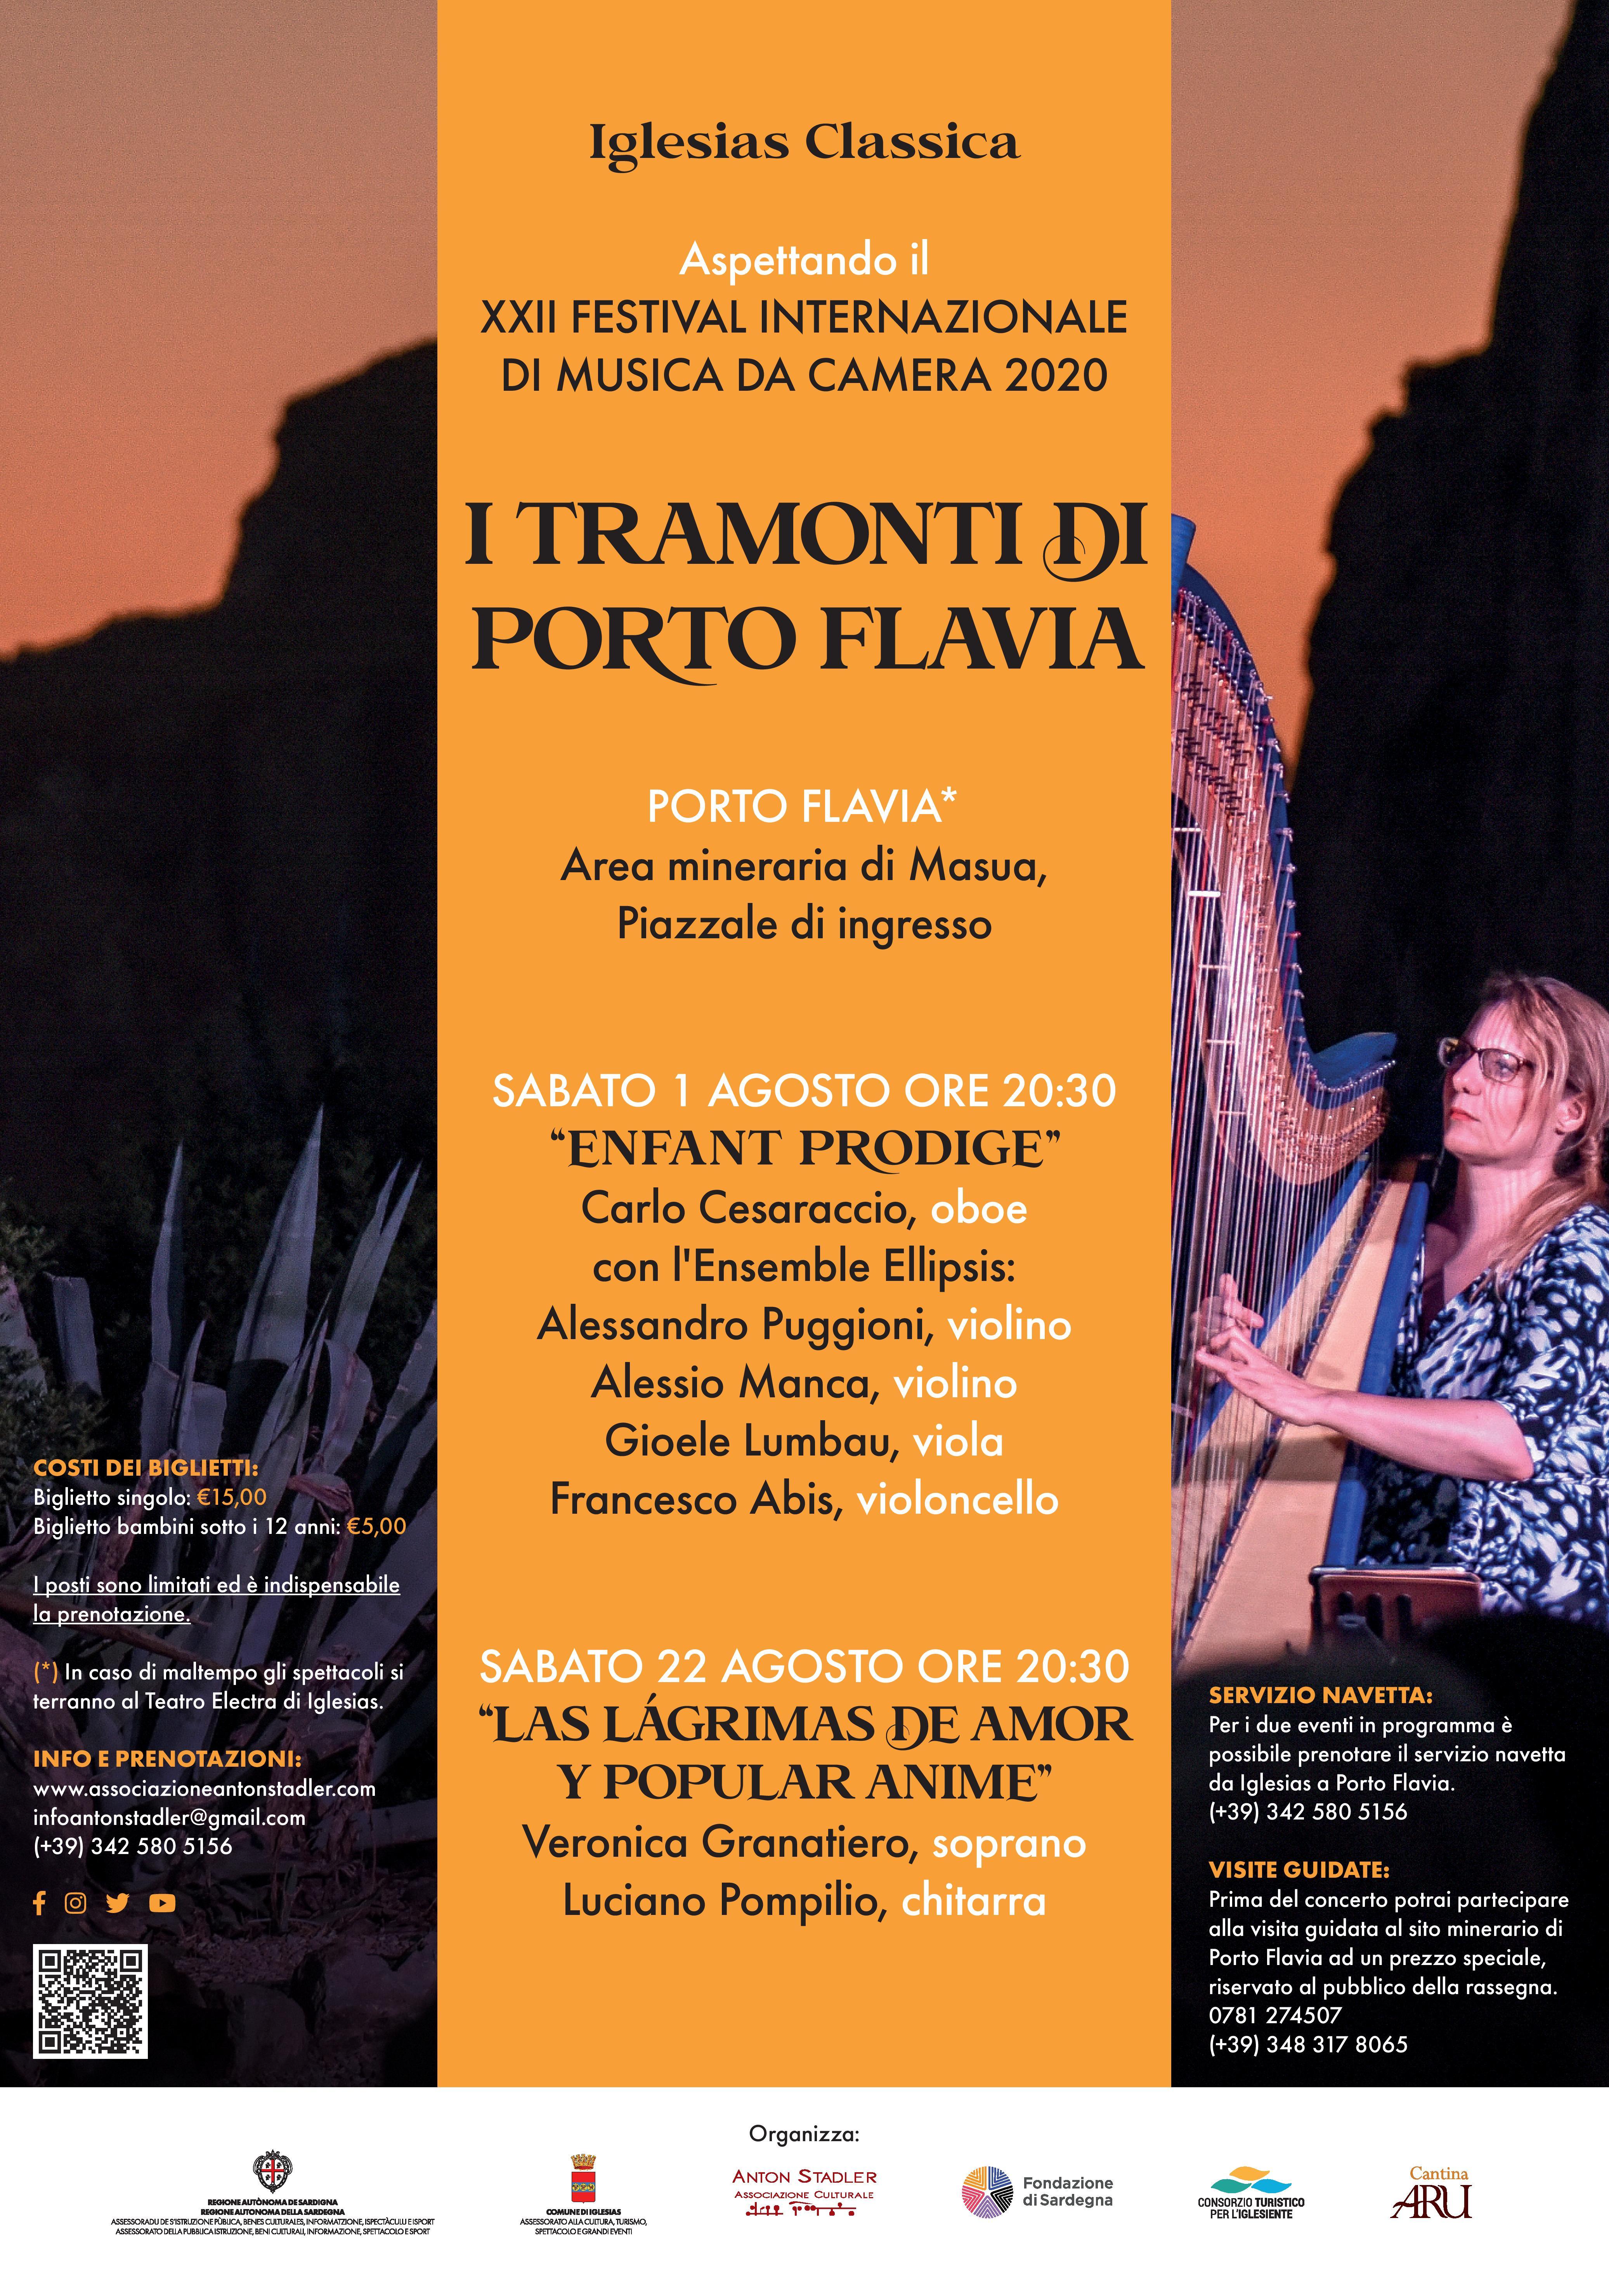 70x100_I_Tramonti_di_Porto_Flavia_1_compressed-page-001